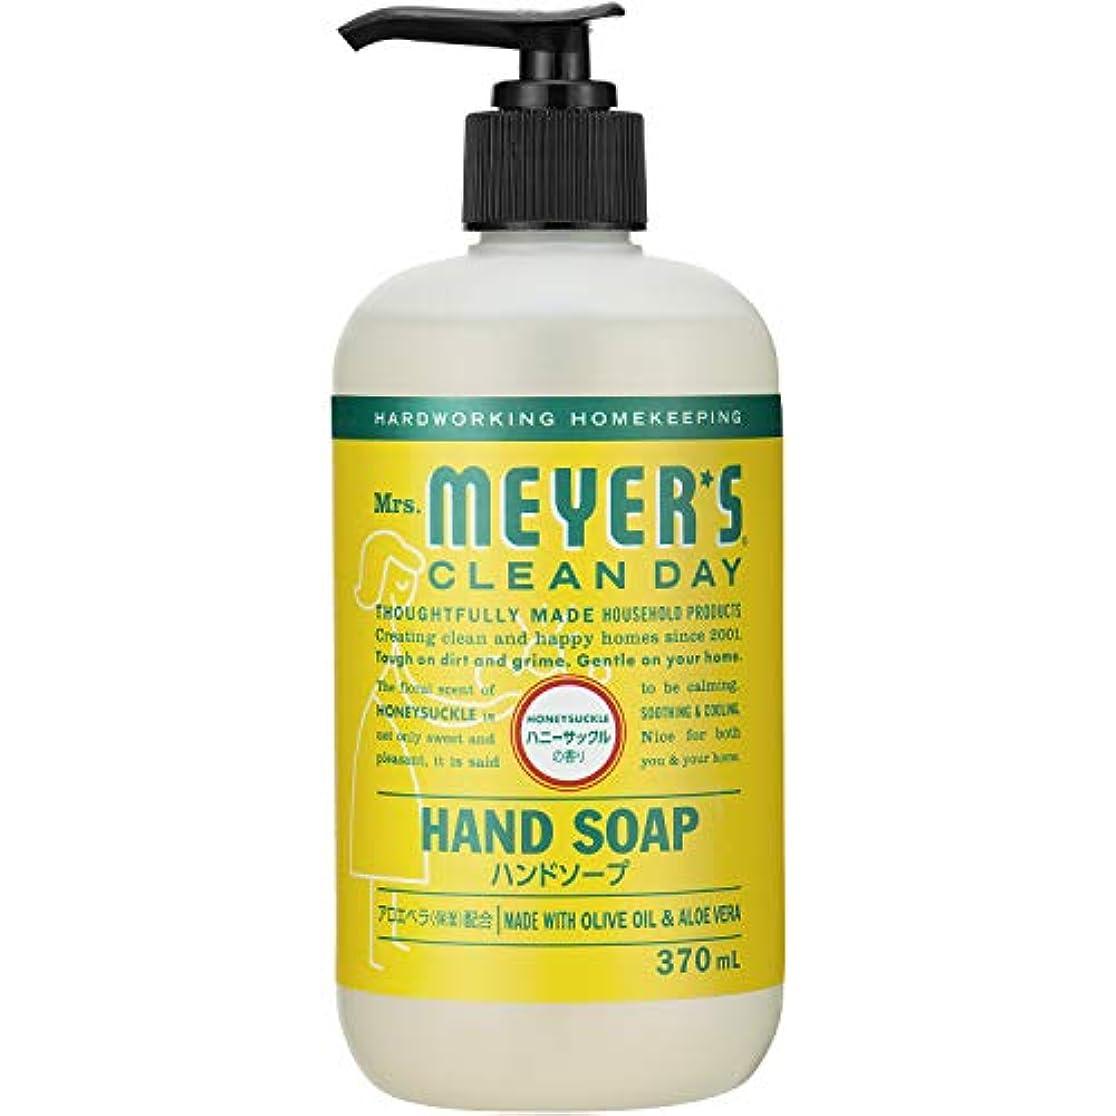 忘れられない文面倒ミセスマイヤーズ クリーンデイ(Mrs.Meyers Clean Day) ハンドソープ ハニーサックルの香り 370ml